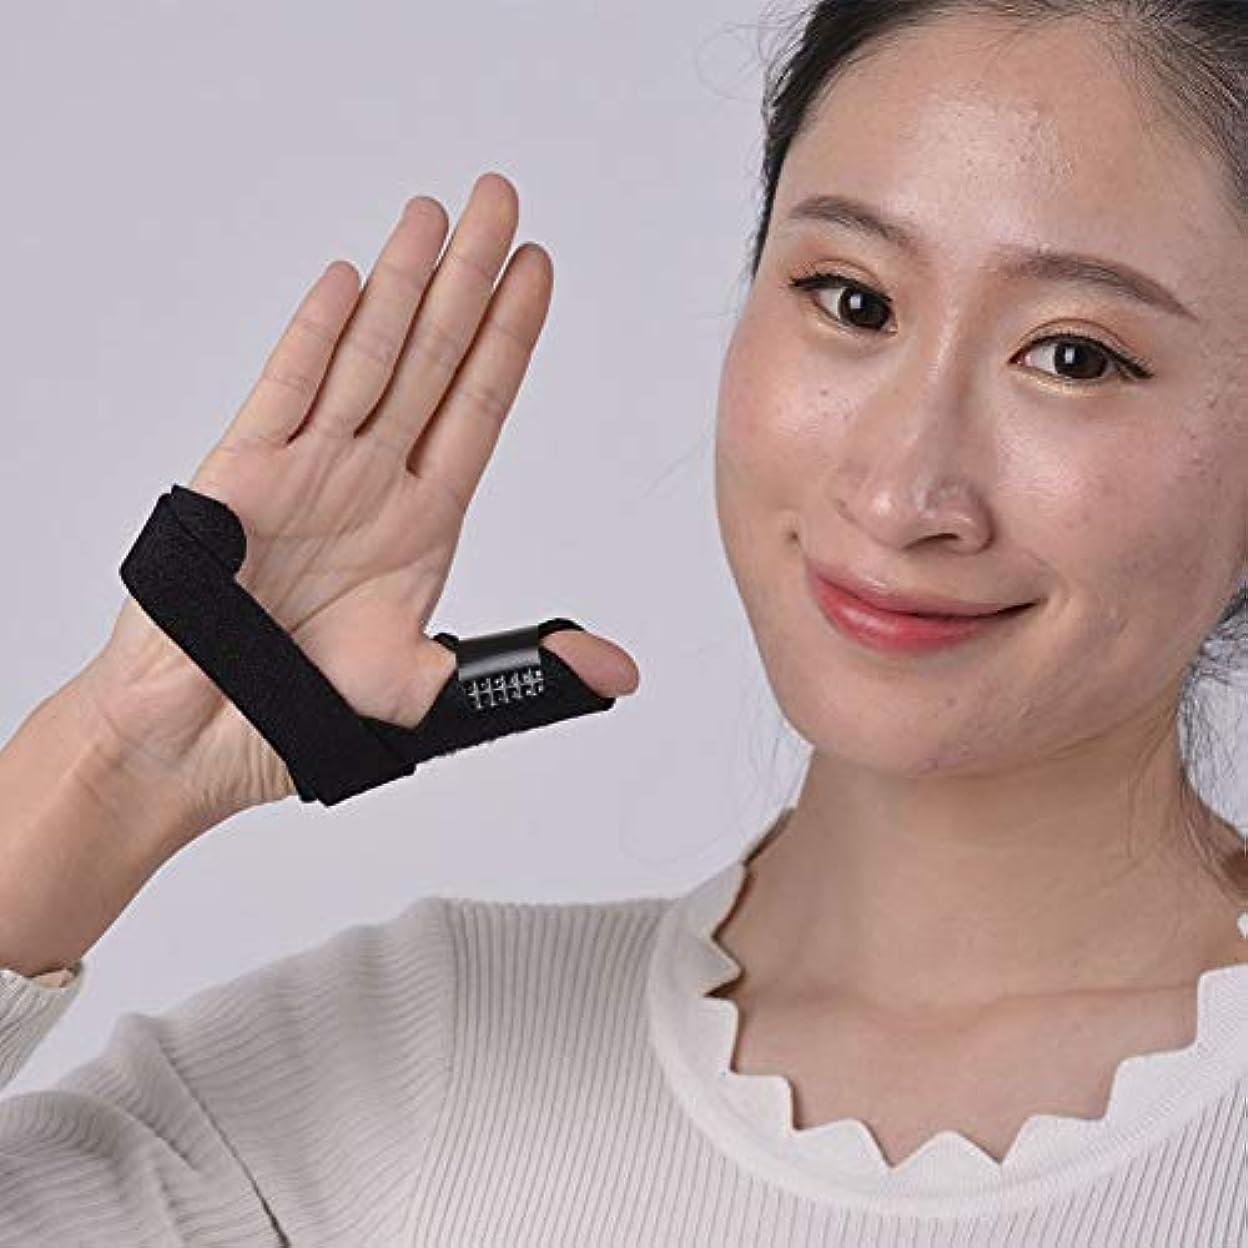 繰り返し財産落ち着く引き金指関節炎靭帯の痛み指骨折創傷術後のケアと痛みを軽減するための指ストレイテナー固定副木